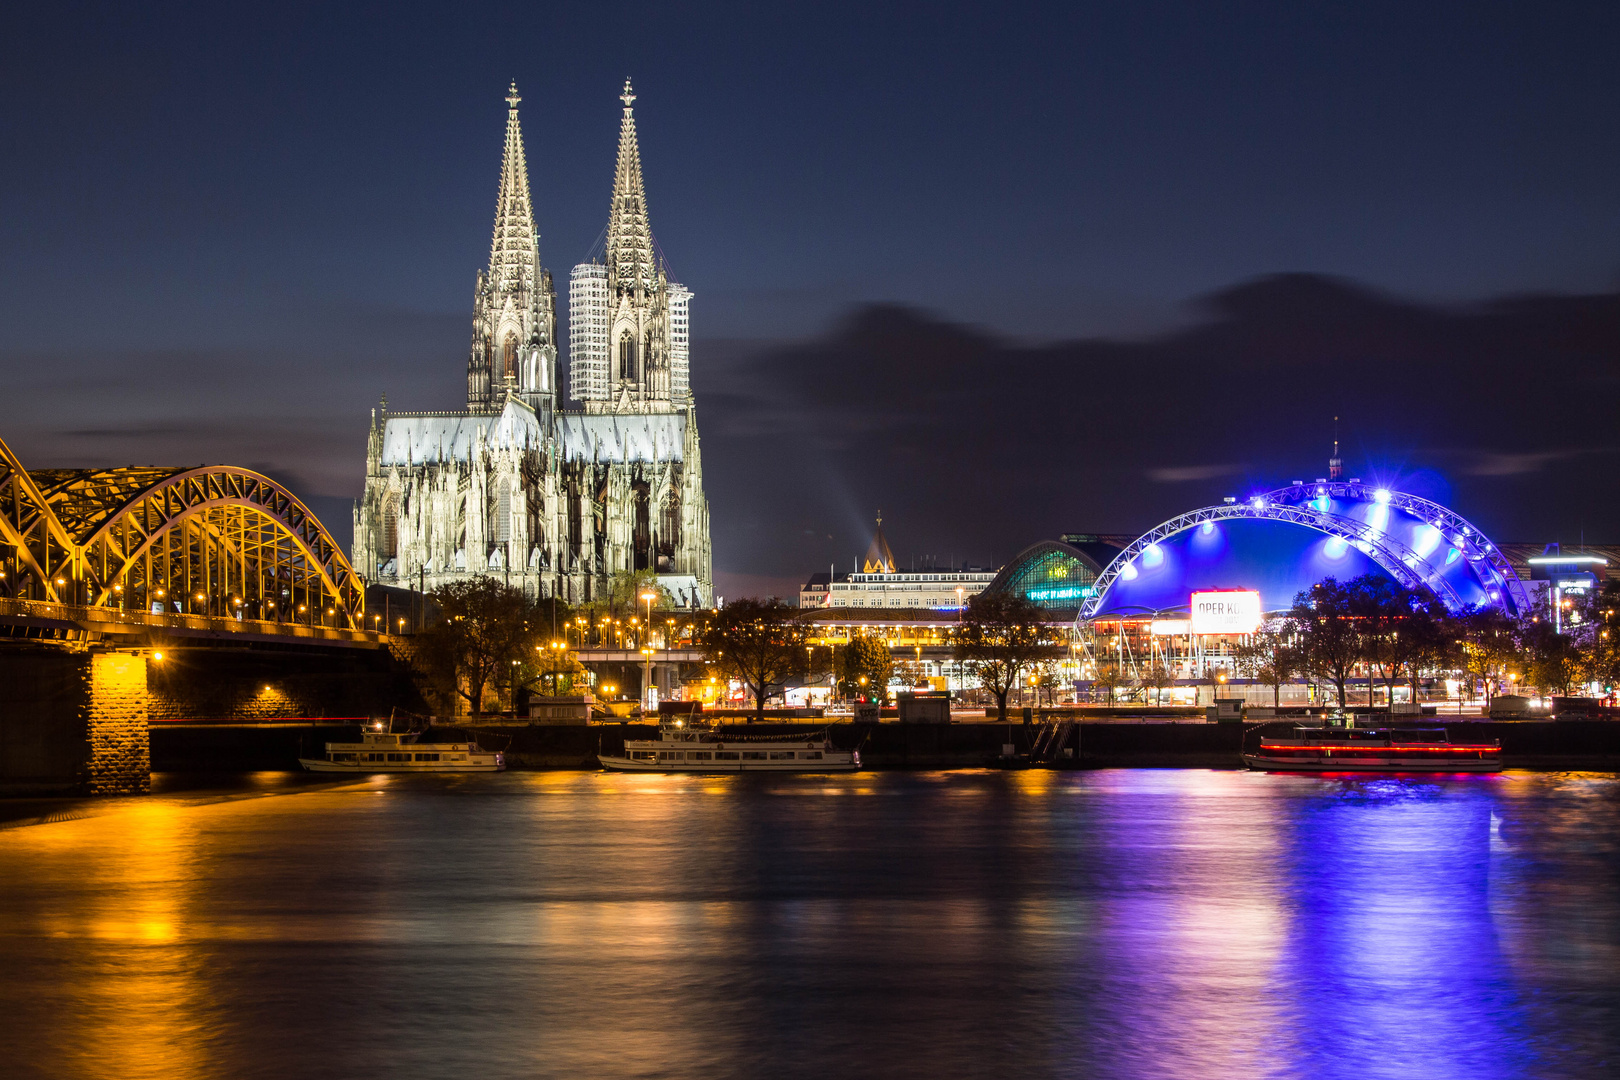 Kölner Dom mit Oper at night